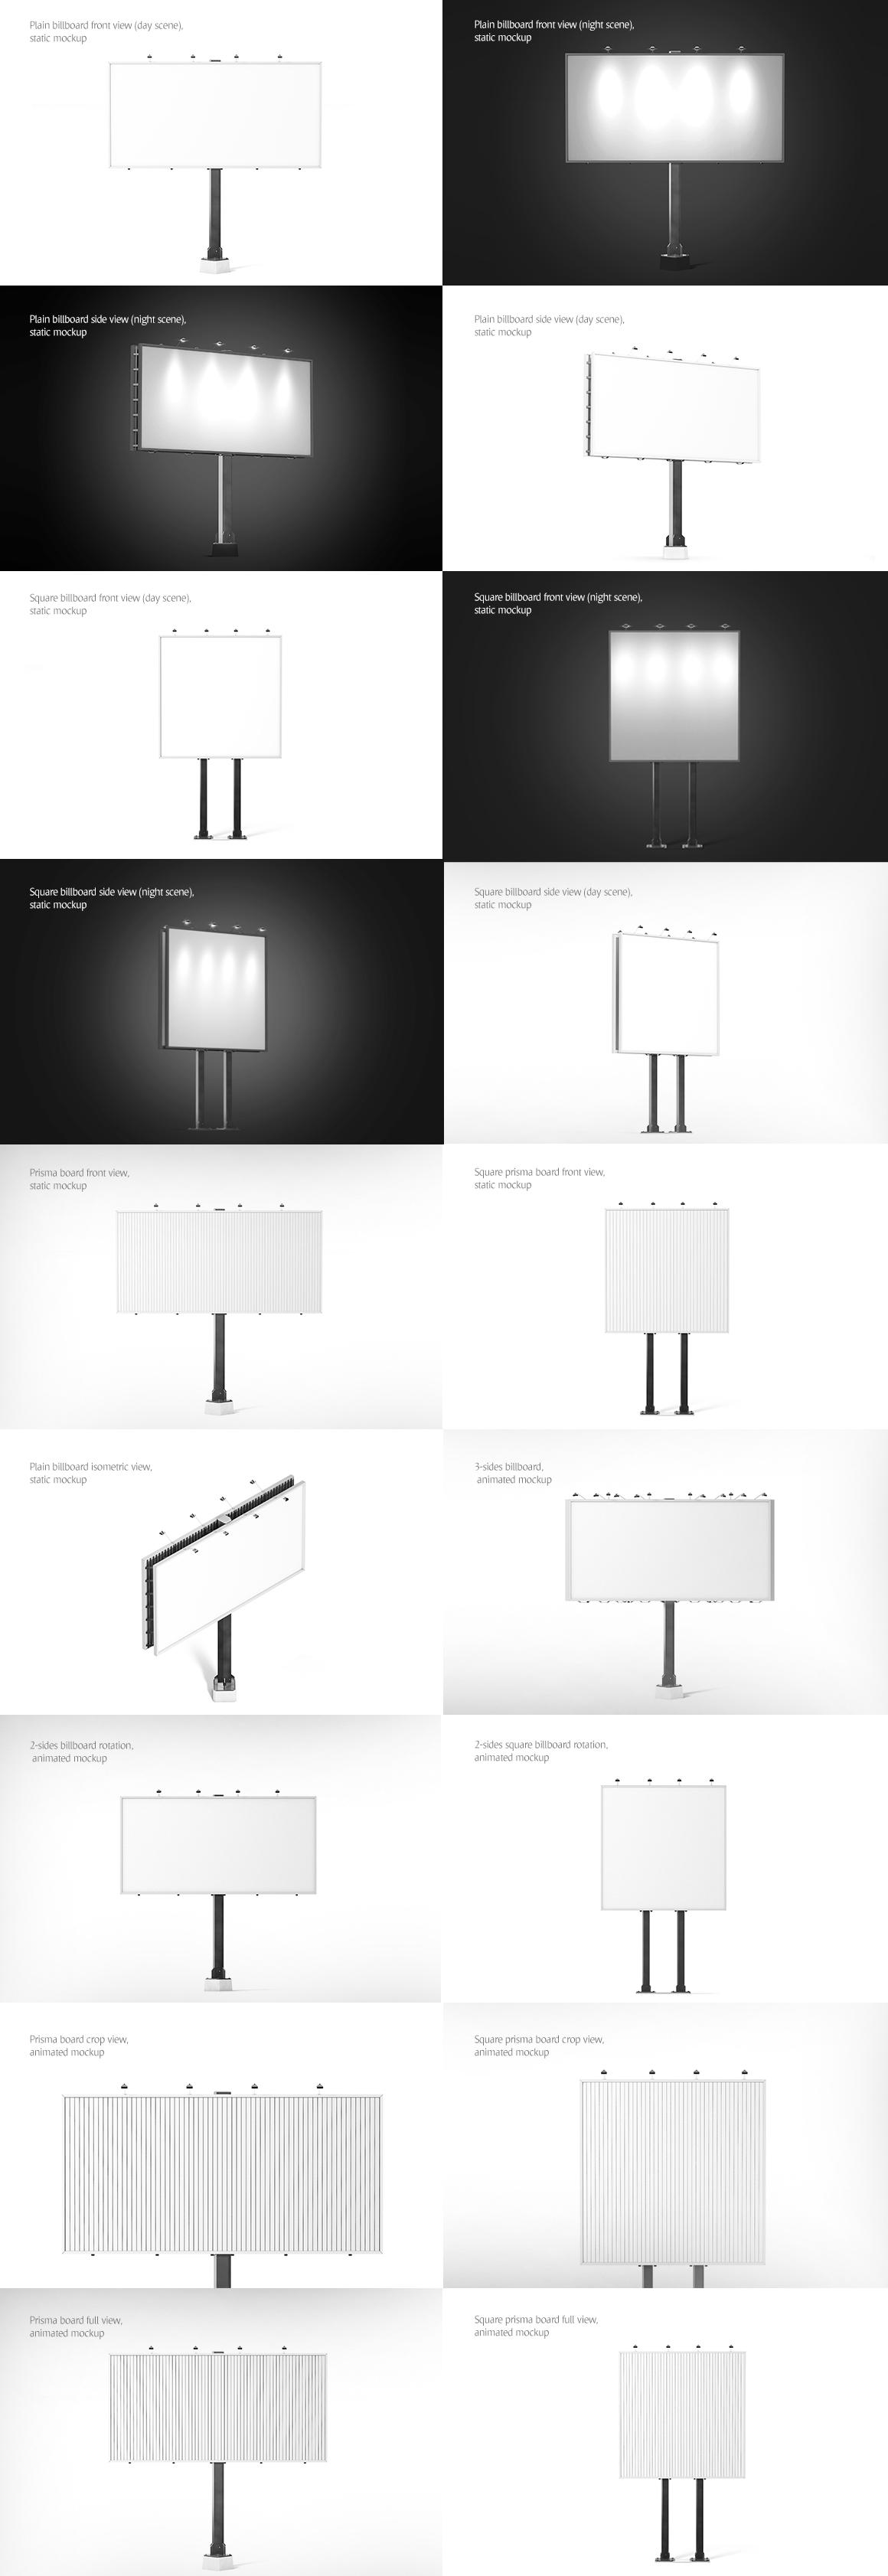 Billboard Animated Mockups Bundle example image 3